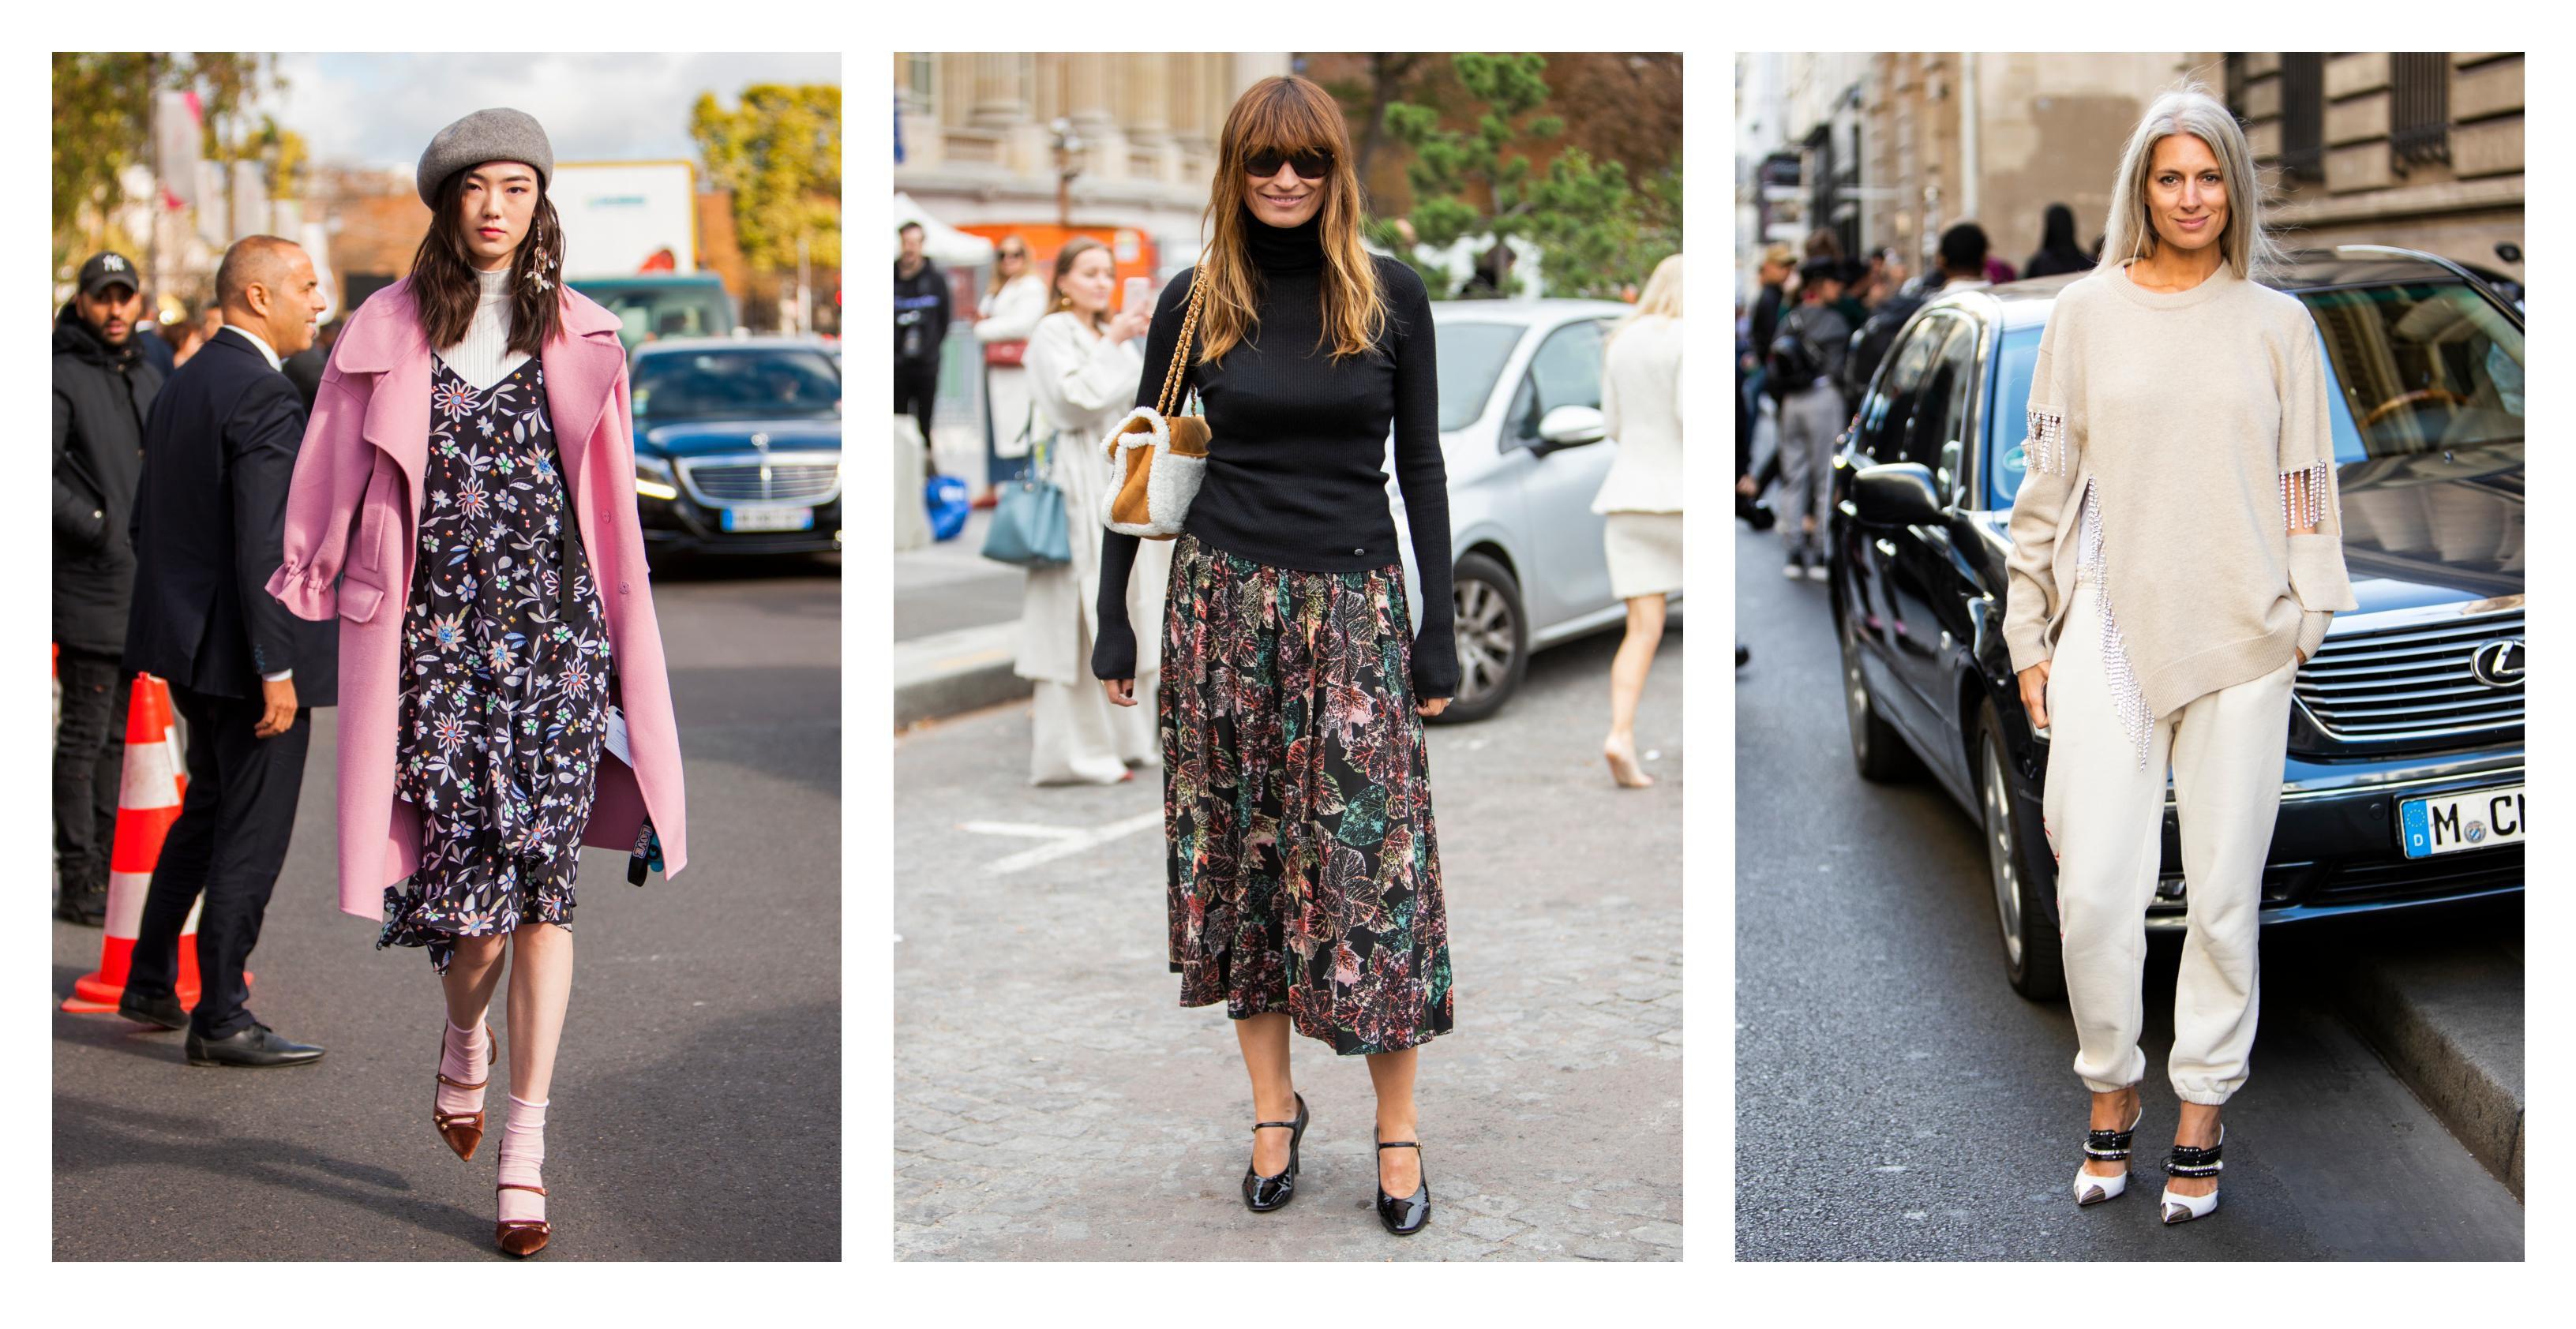 Donosimo tri outfita koji su genijalna inspiracija za Badnjak u gradu!